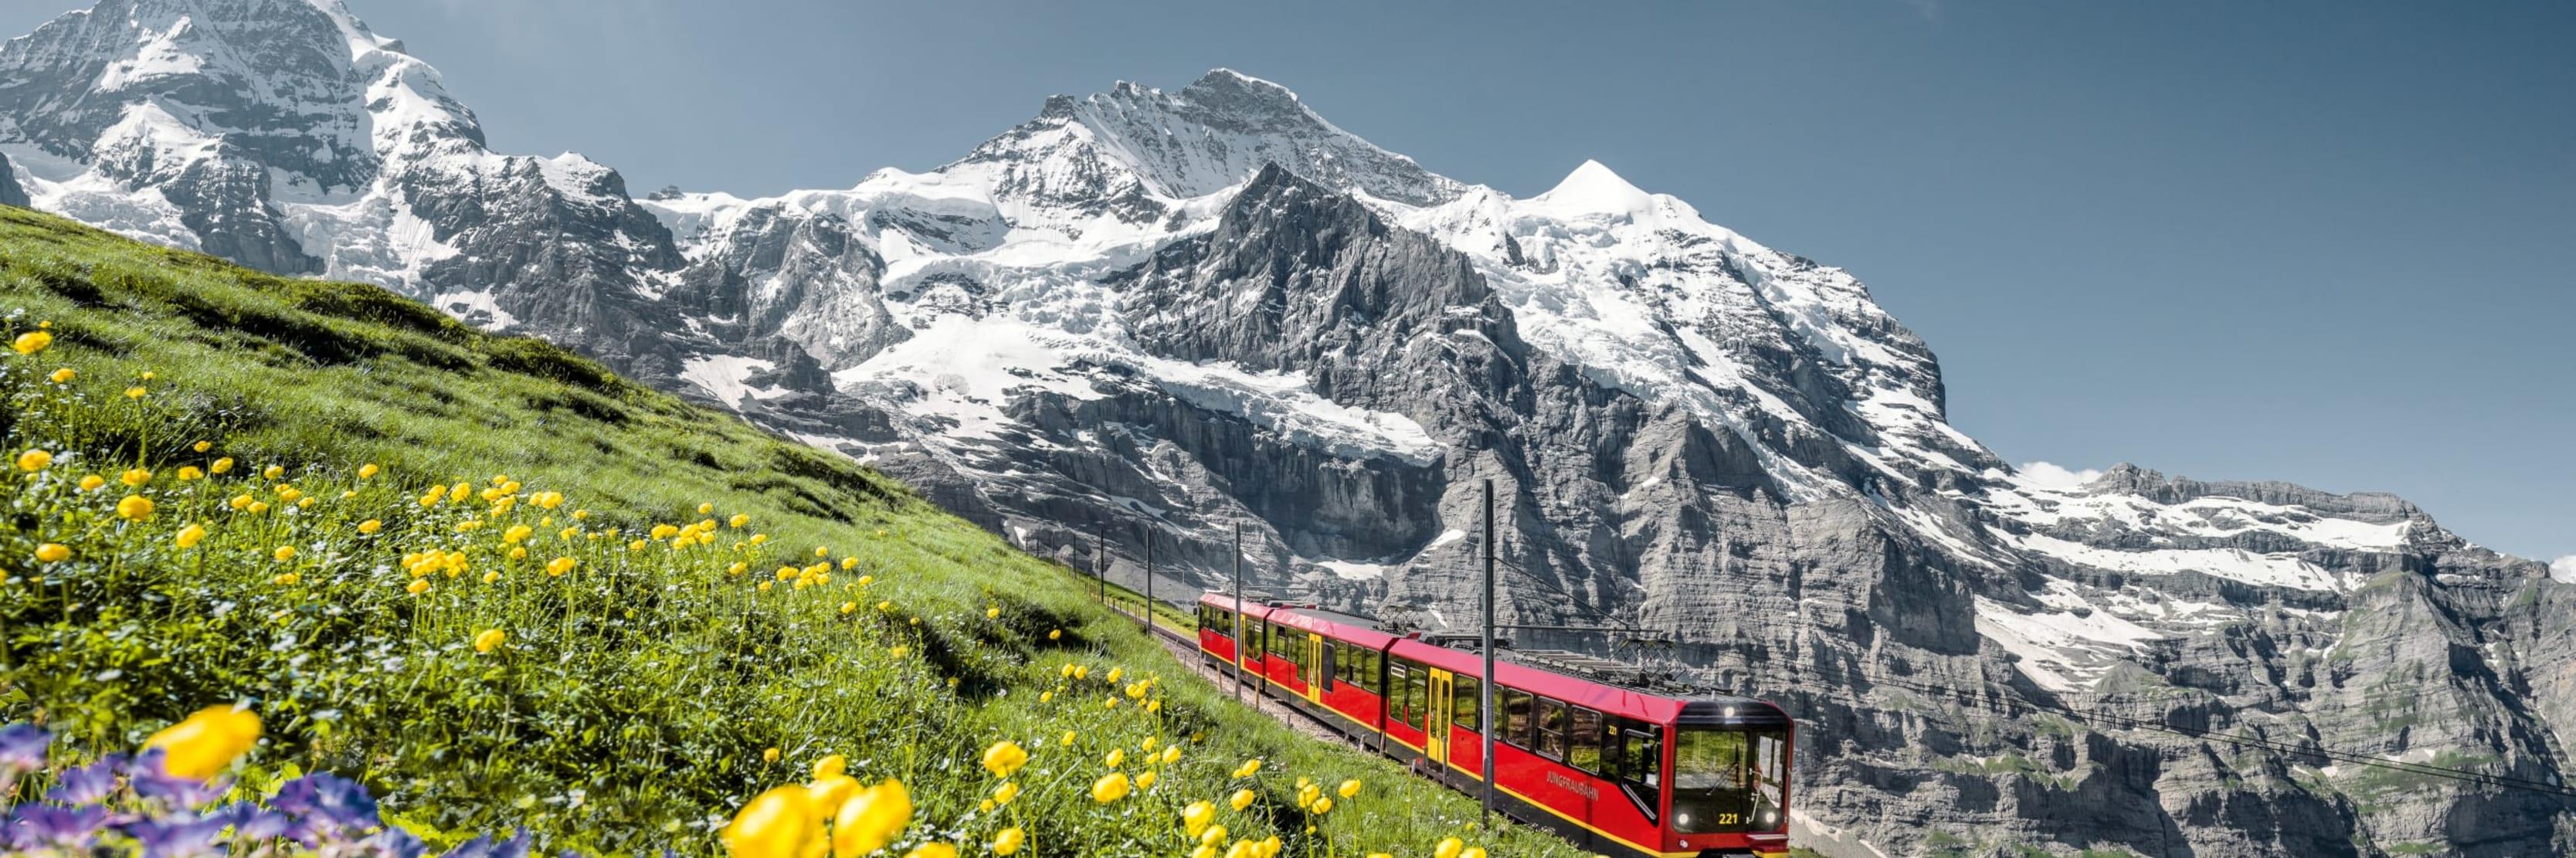 Jungfraubahn Sommer